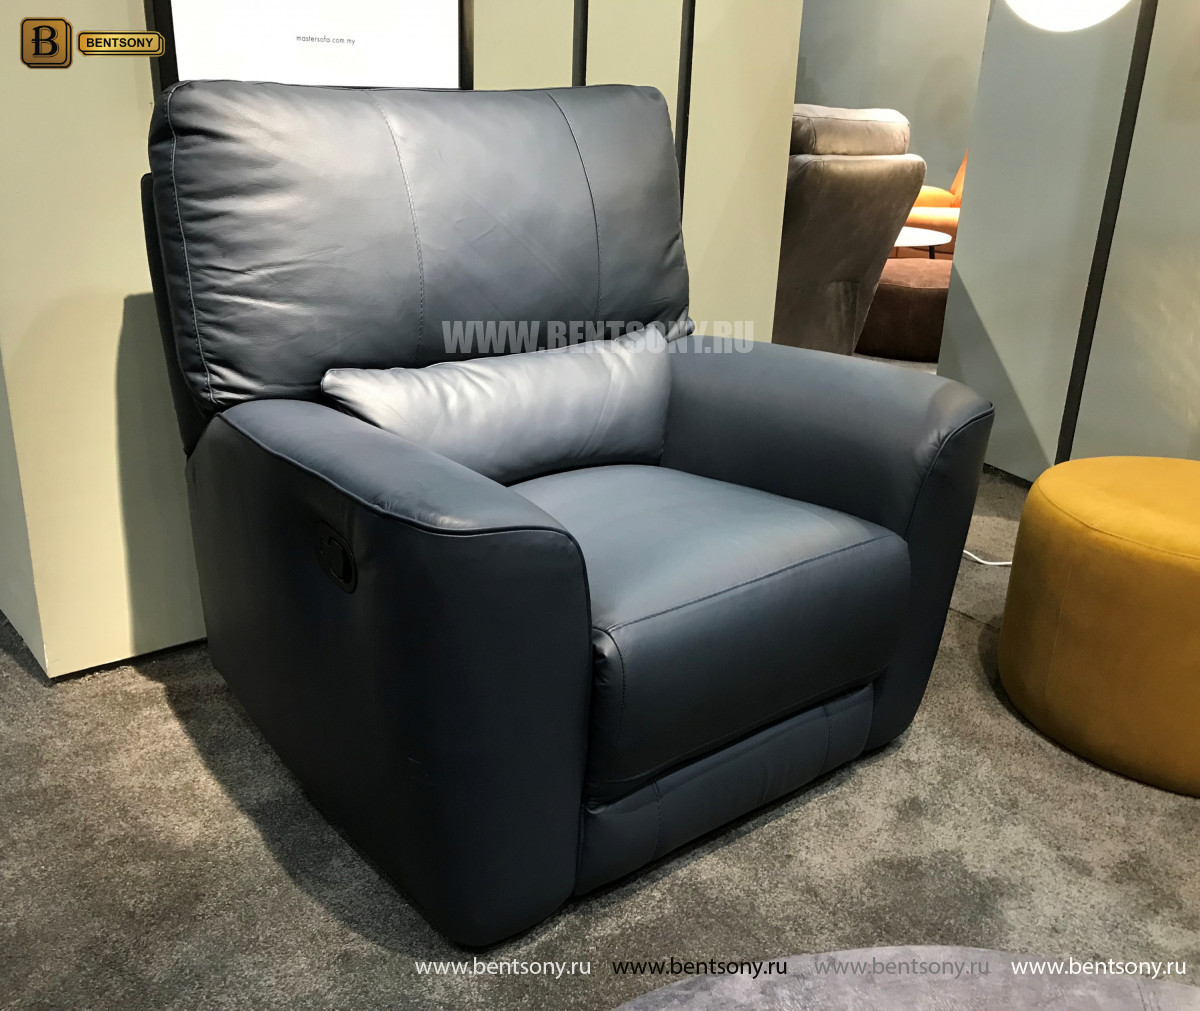 Кресло Тордино с реклайнером (Натуральная кожа) распродажа